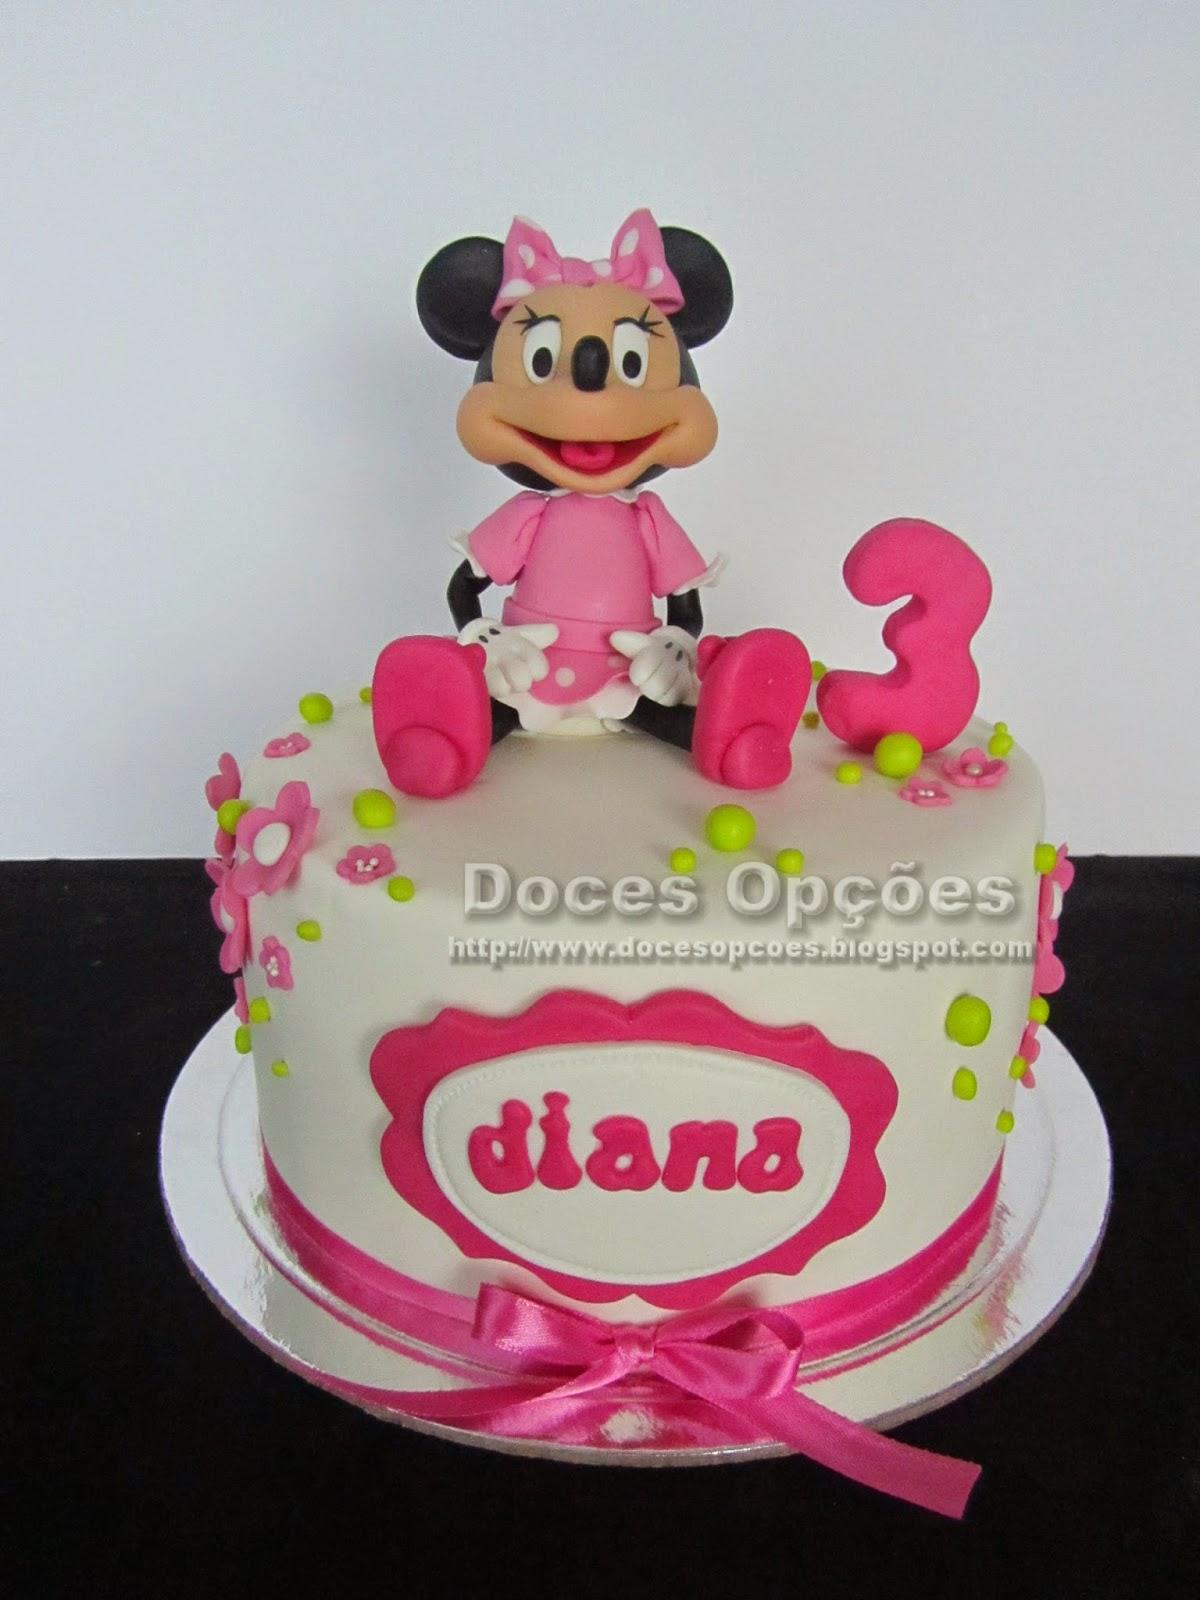 Bolo de aniversário com a Minnie